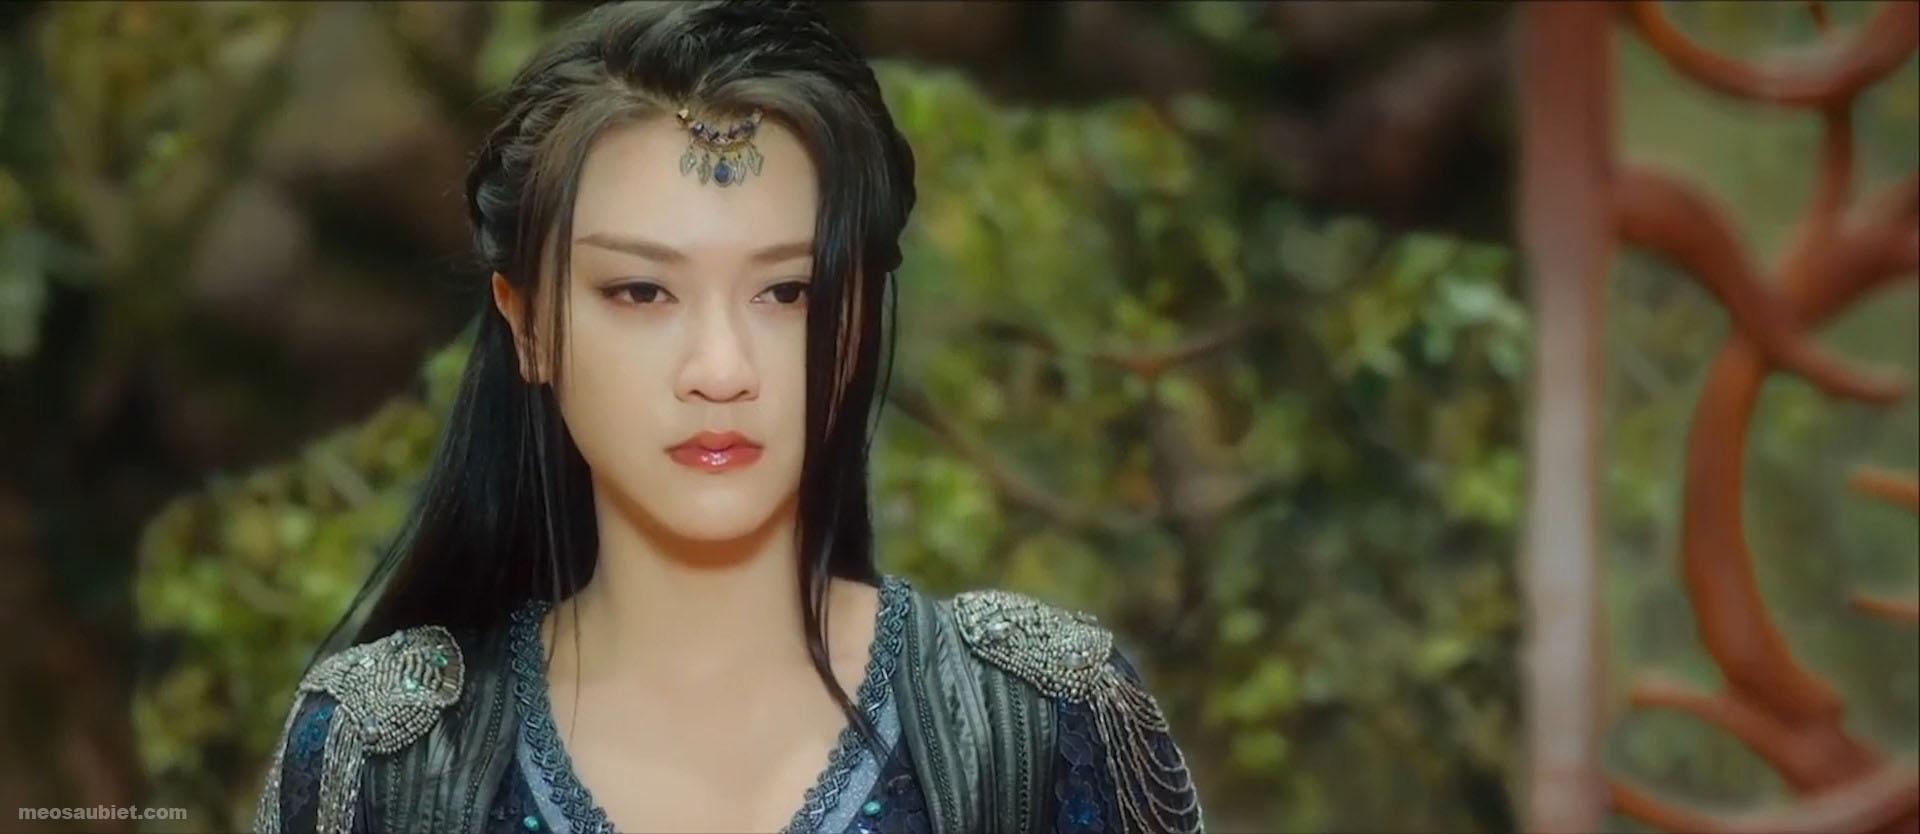 Huyễn Thành - Vương quốc ảo 2016 Lục Thư Trinh trong vai Nguyệt Thần